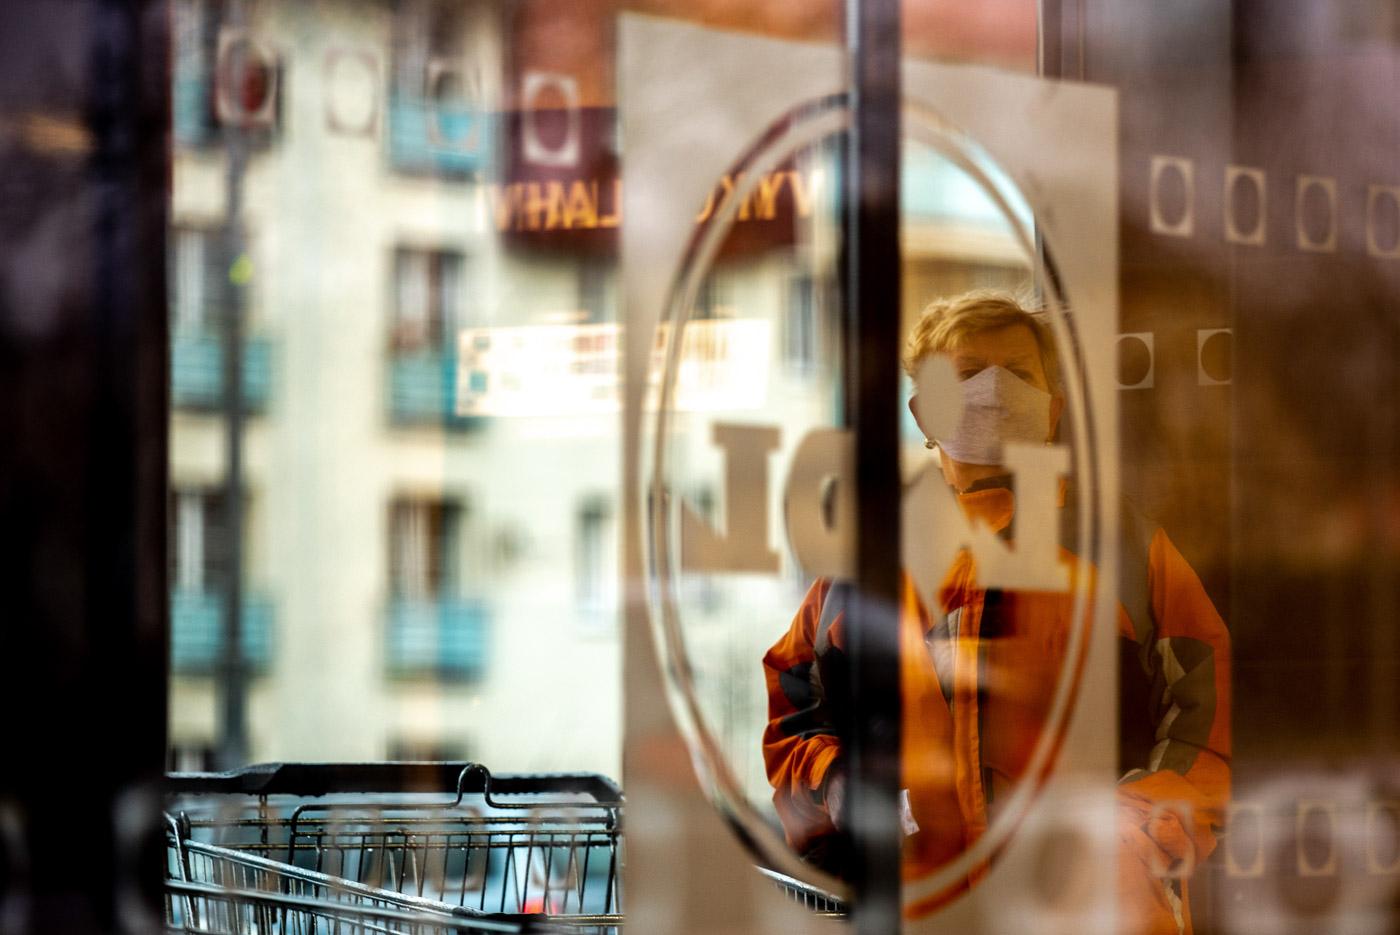 Seniorka čeká na otevření obchodu Lidl. Česká vláda rozhodla, že pouze lidé starší 65 let mají povoleno nakupovat v obchodech mezi 7 a 9 hod. 21. Března 2020 v Ostravě. Foto: © Lukáš Ston/Moravskoslezský deník.